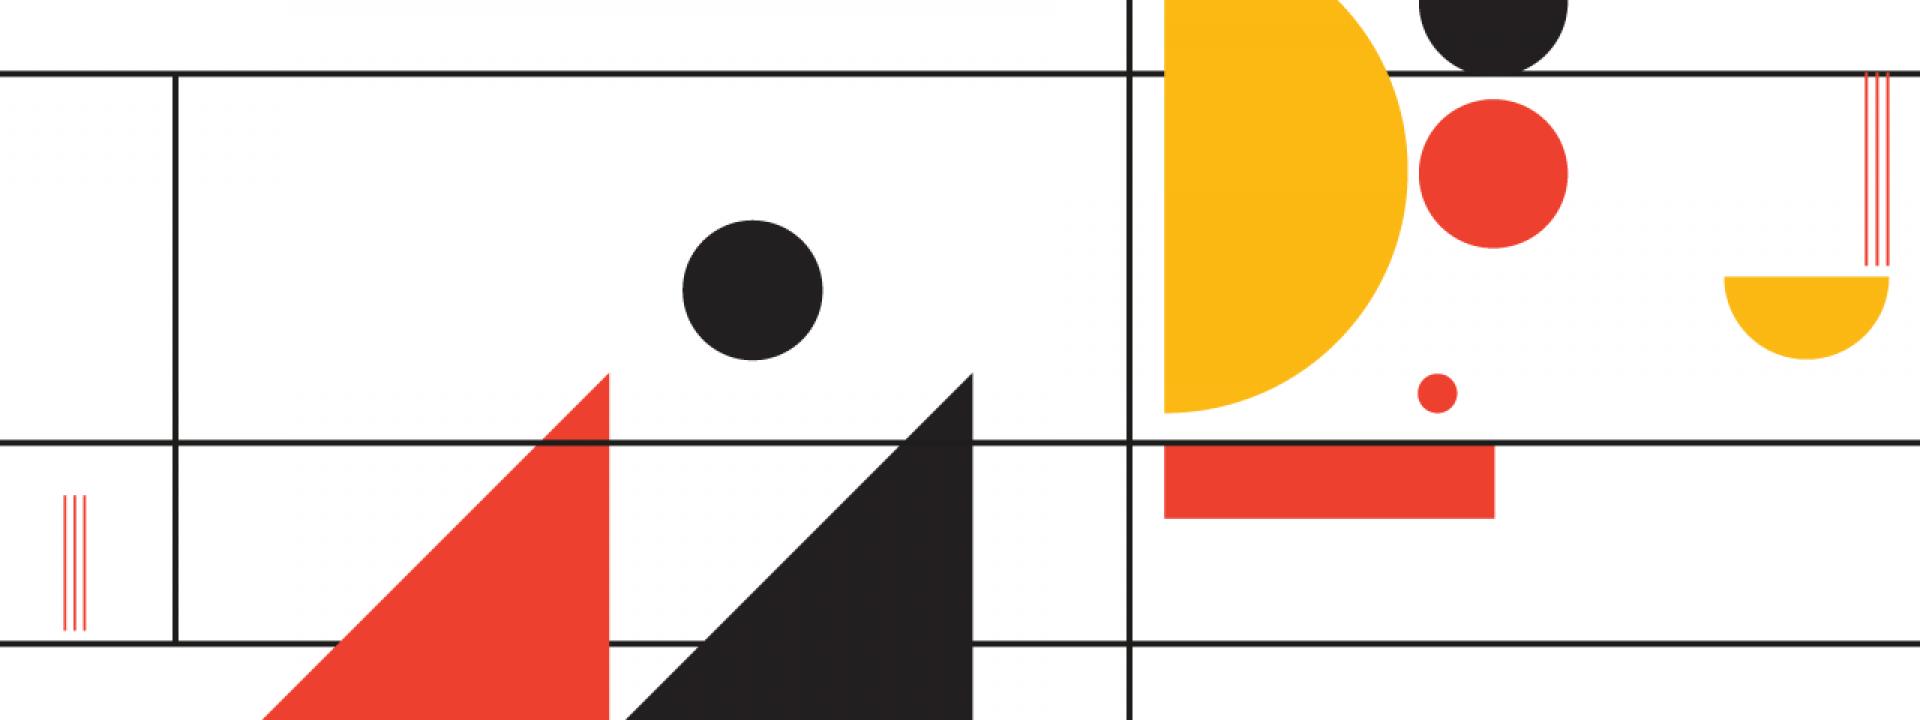 Εικαστικό με έντονα, ευφάνταστα χρώματα και γεωμετρικά σχήματα για τις ηχογραφημένες συναυλίες της σειράς Jazz Chronicles